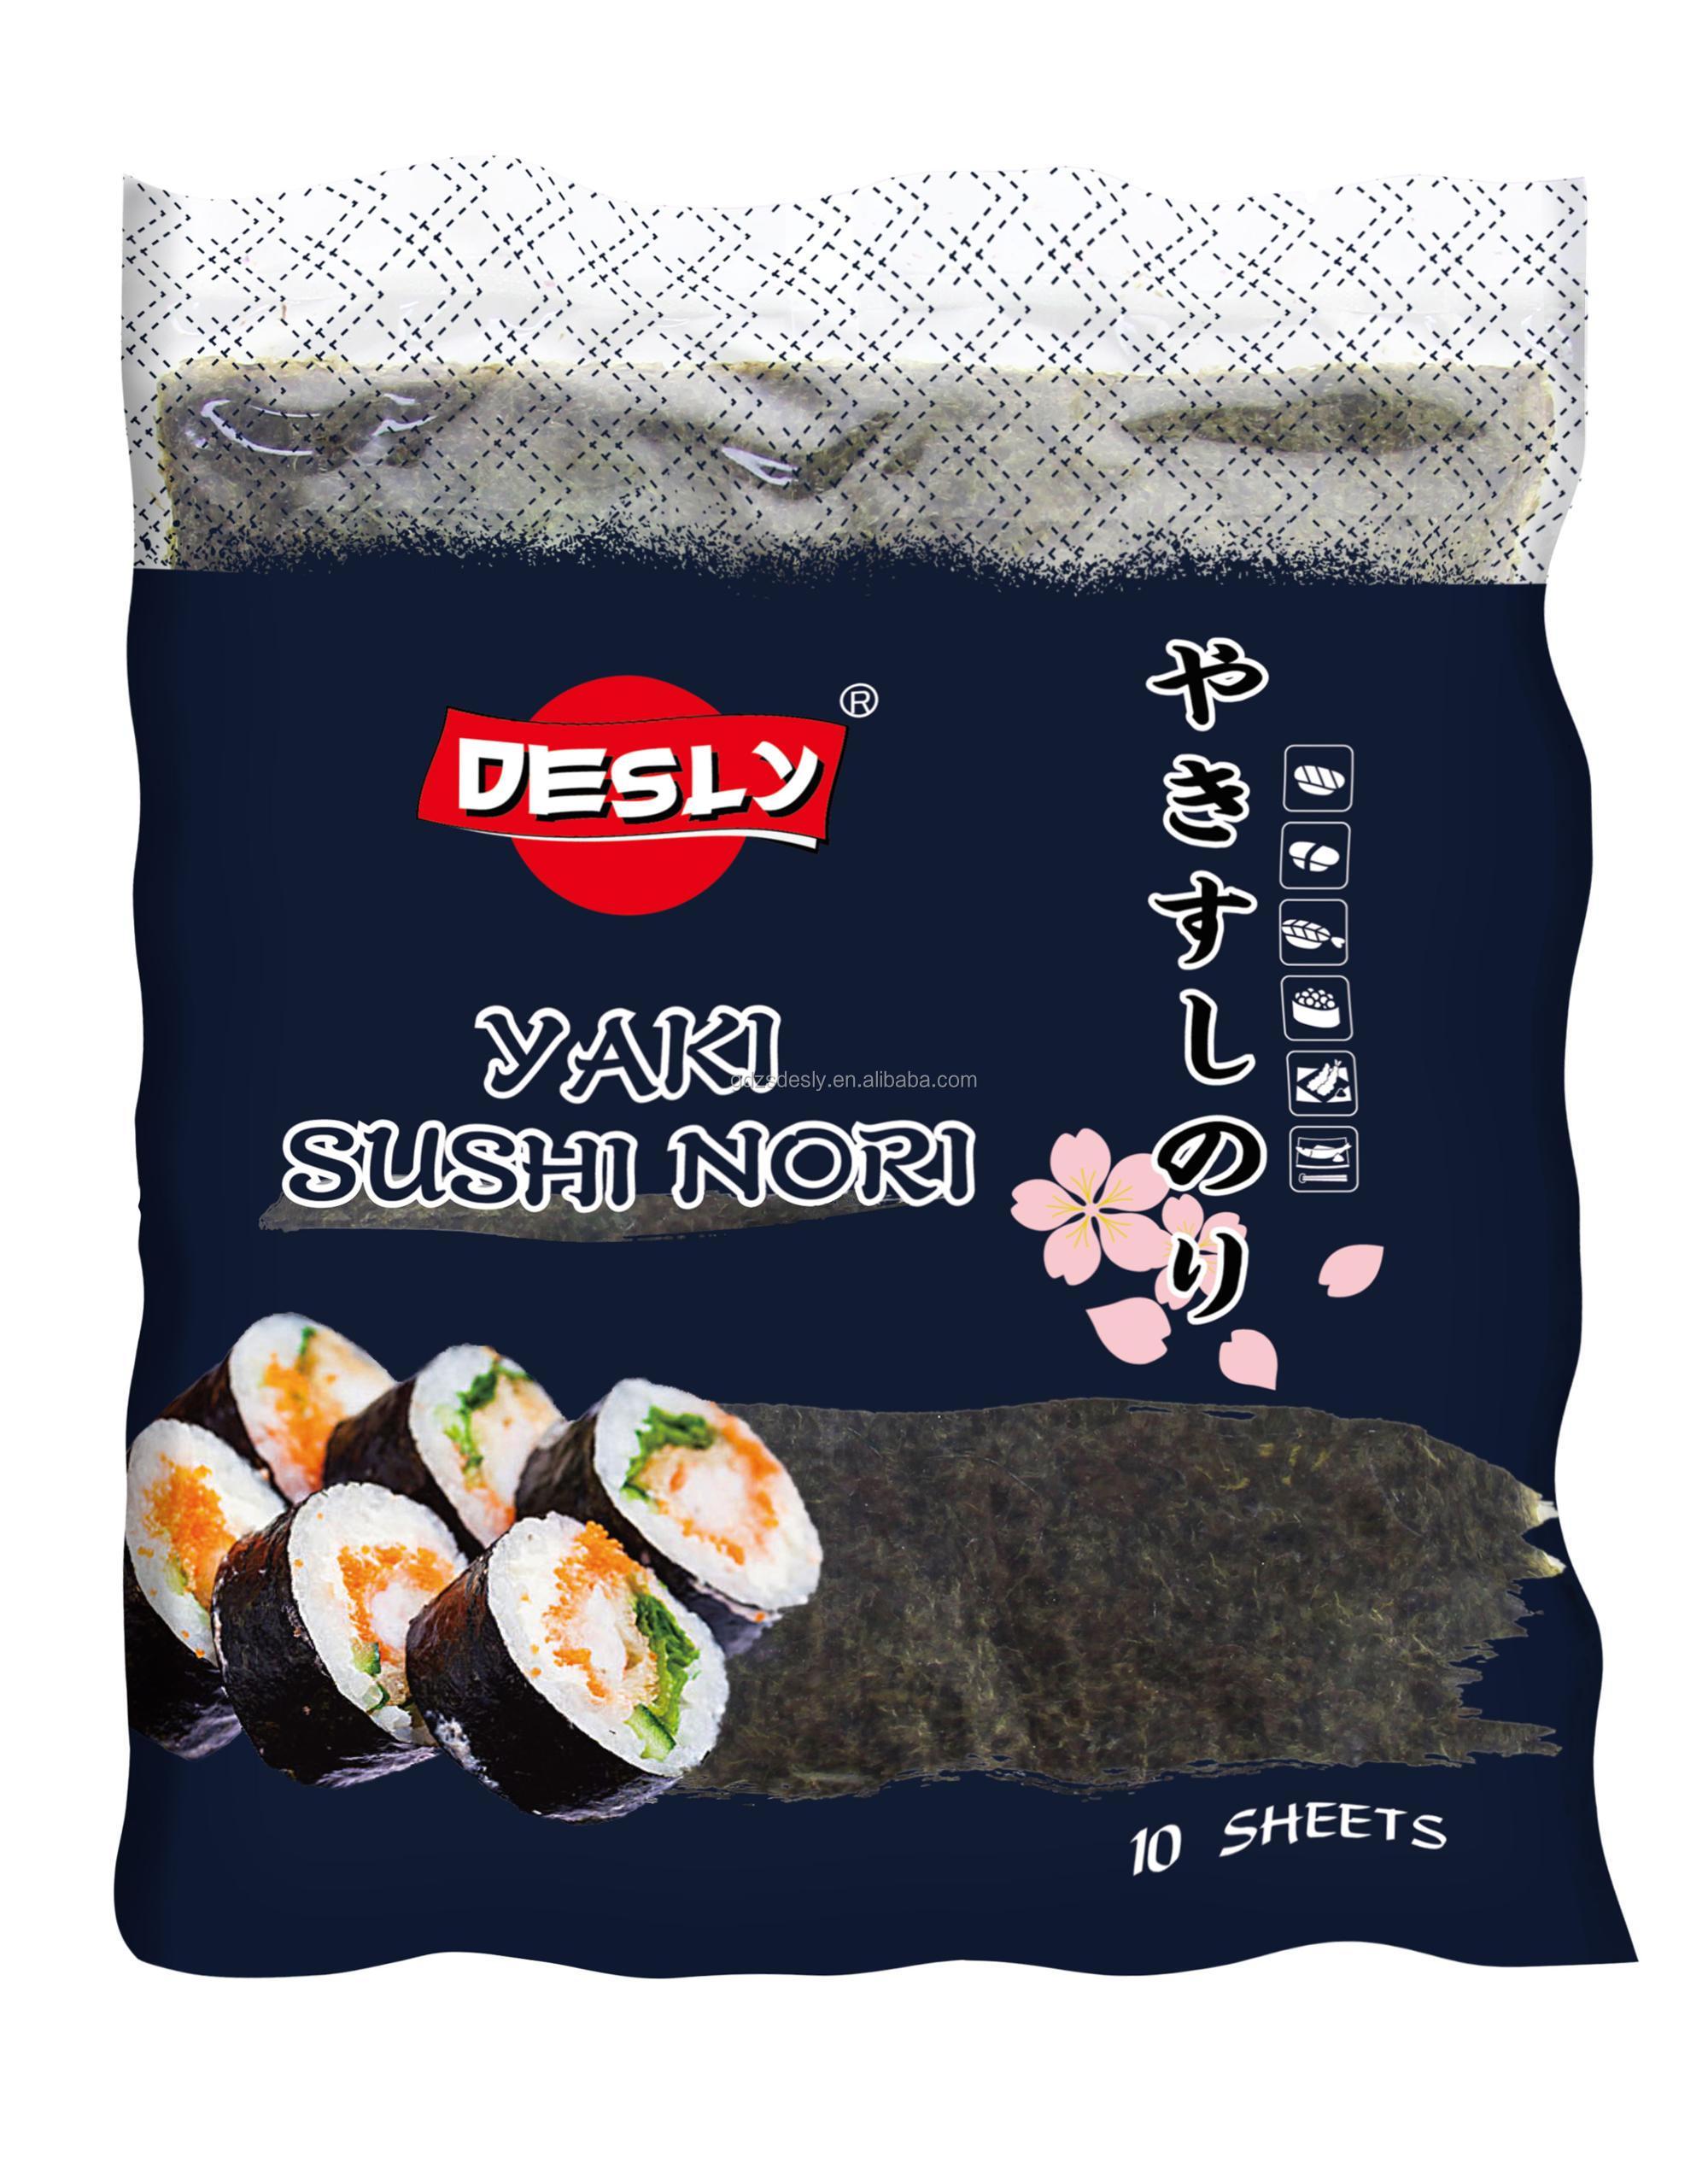 Japanese Yaki Roasted Seaweed Sushi Nori Bulk Wholesale OEM Factory